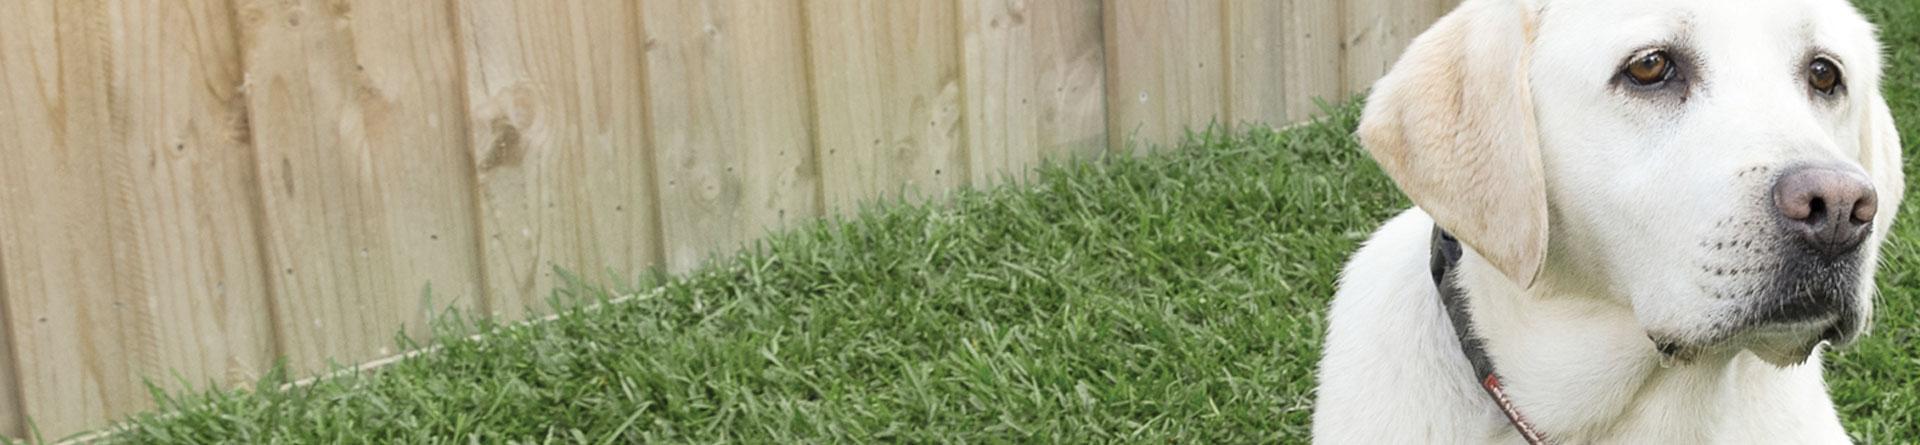 Palmetto Buffalo grass